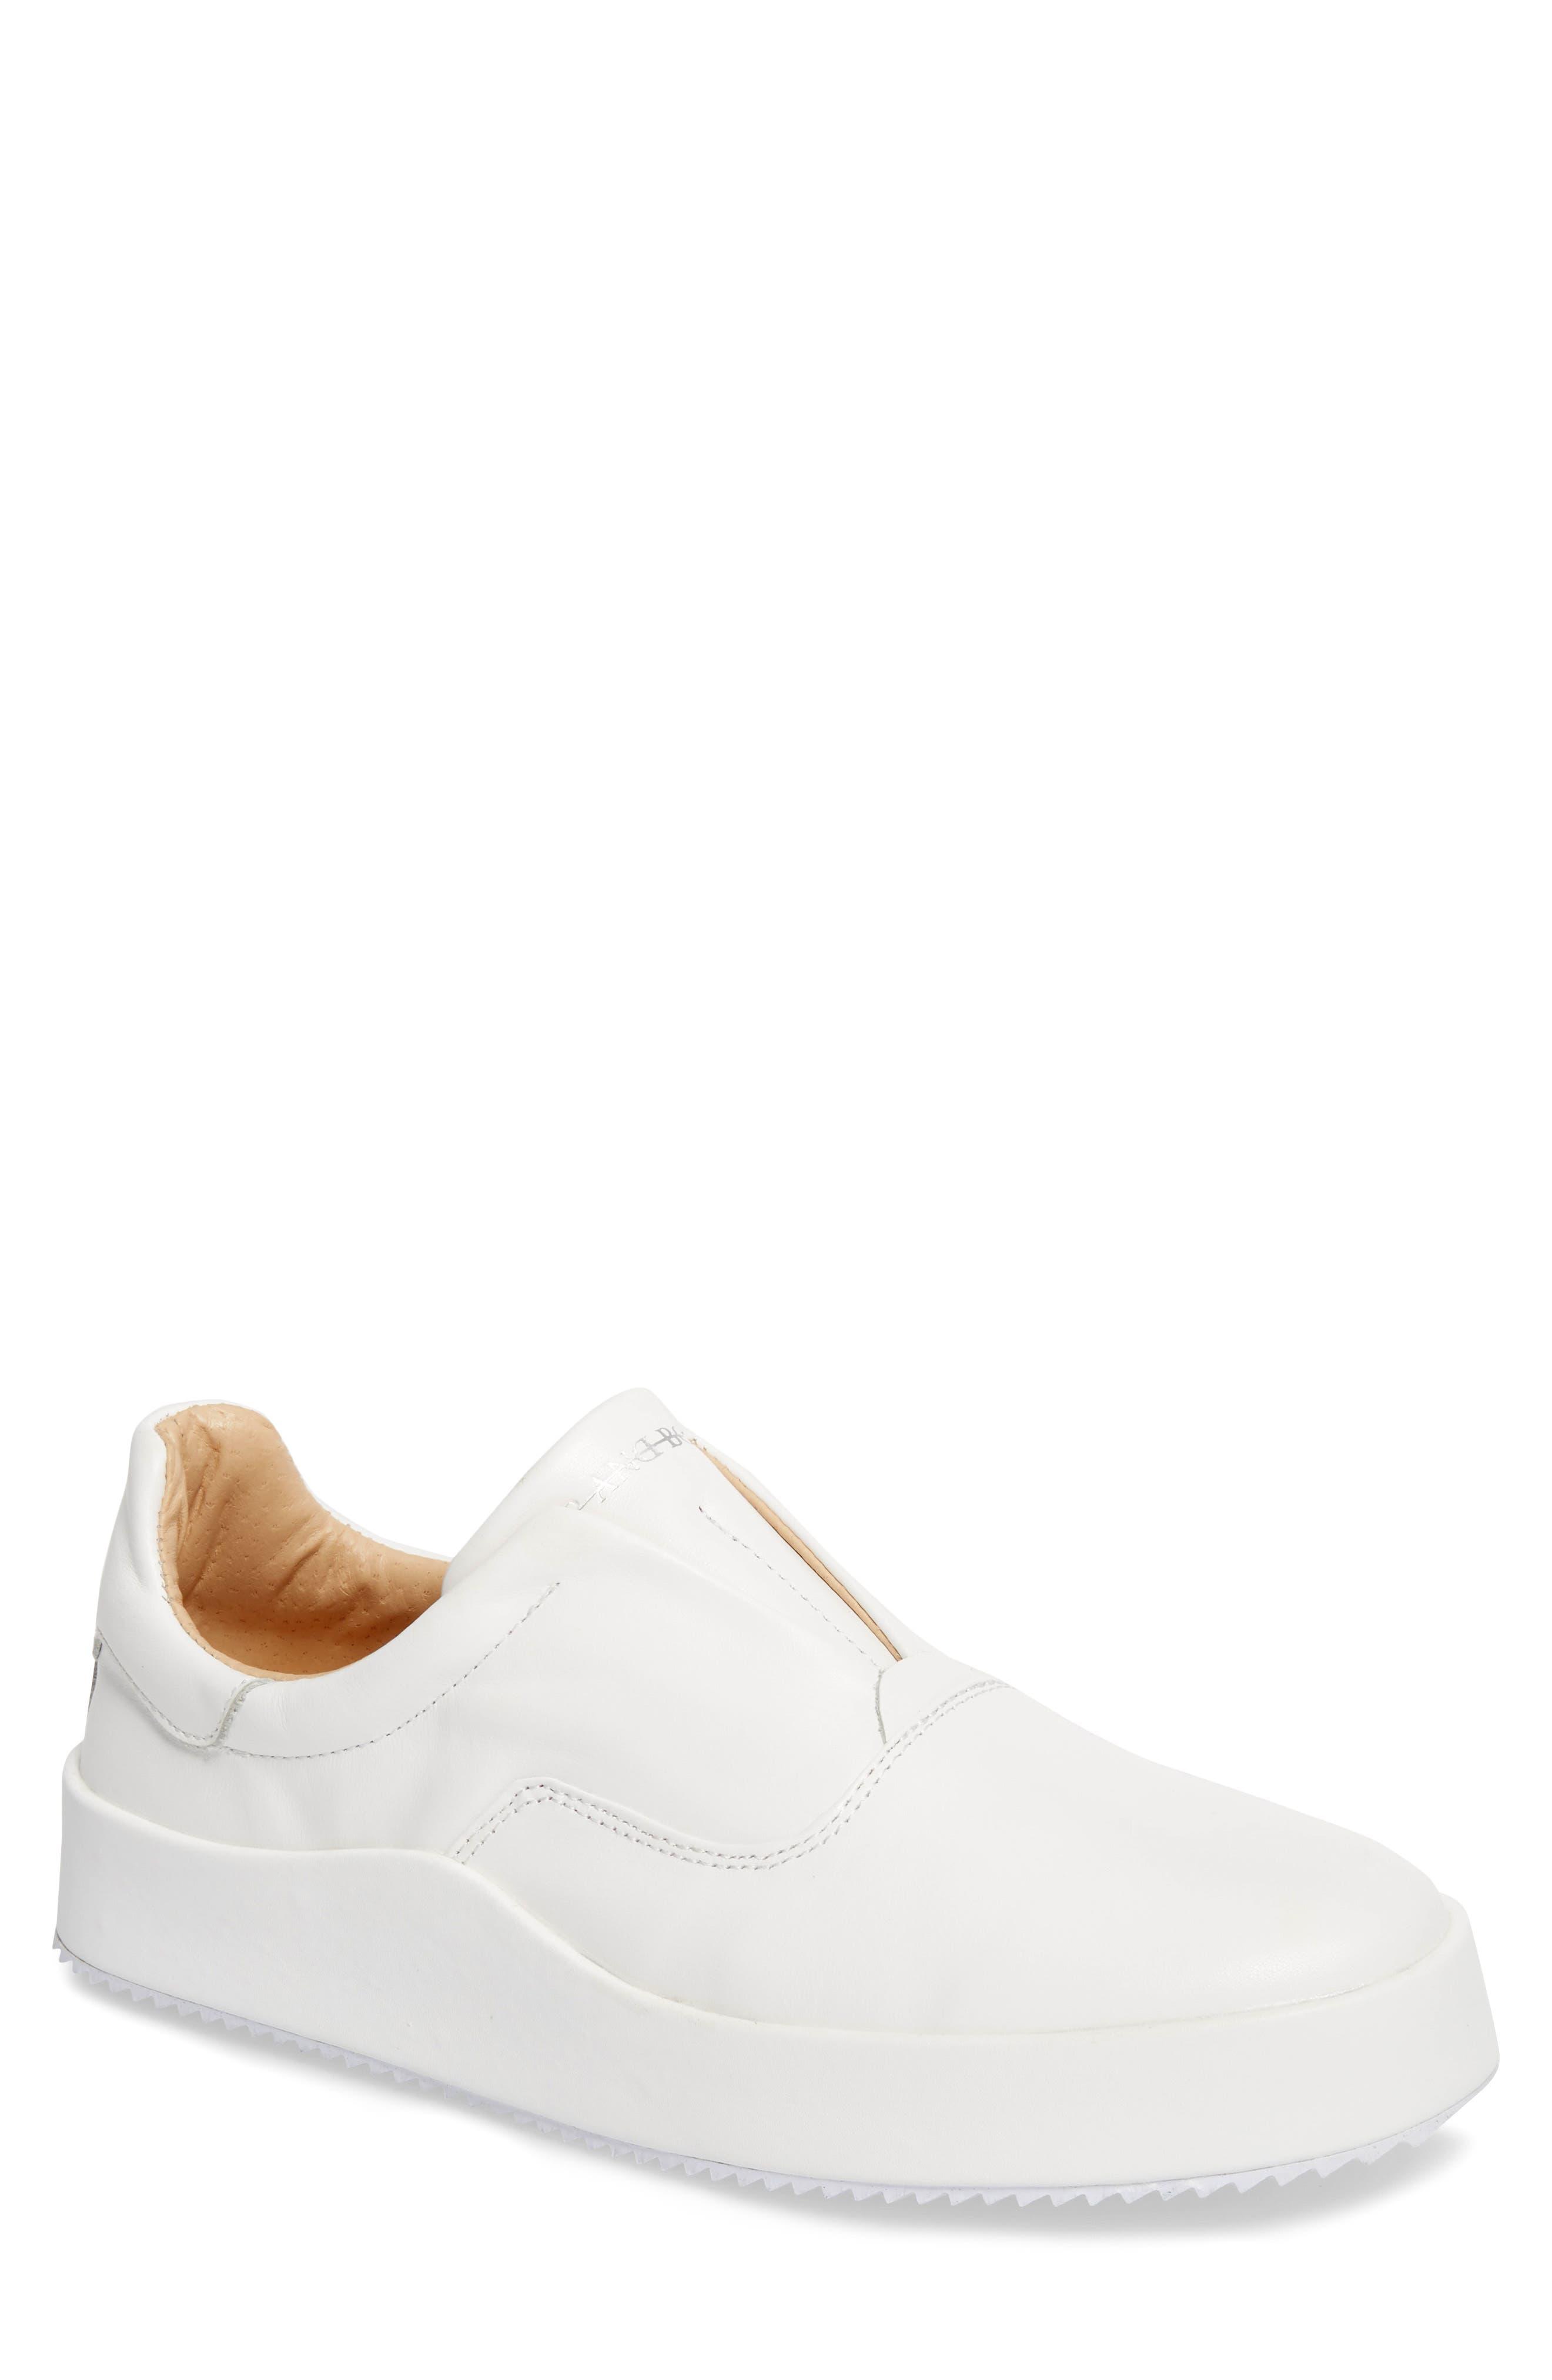 Hip & Bone Skater Slip-On Sneaker,                             Main thumbnail 1, color,                             100